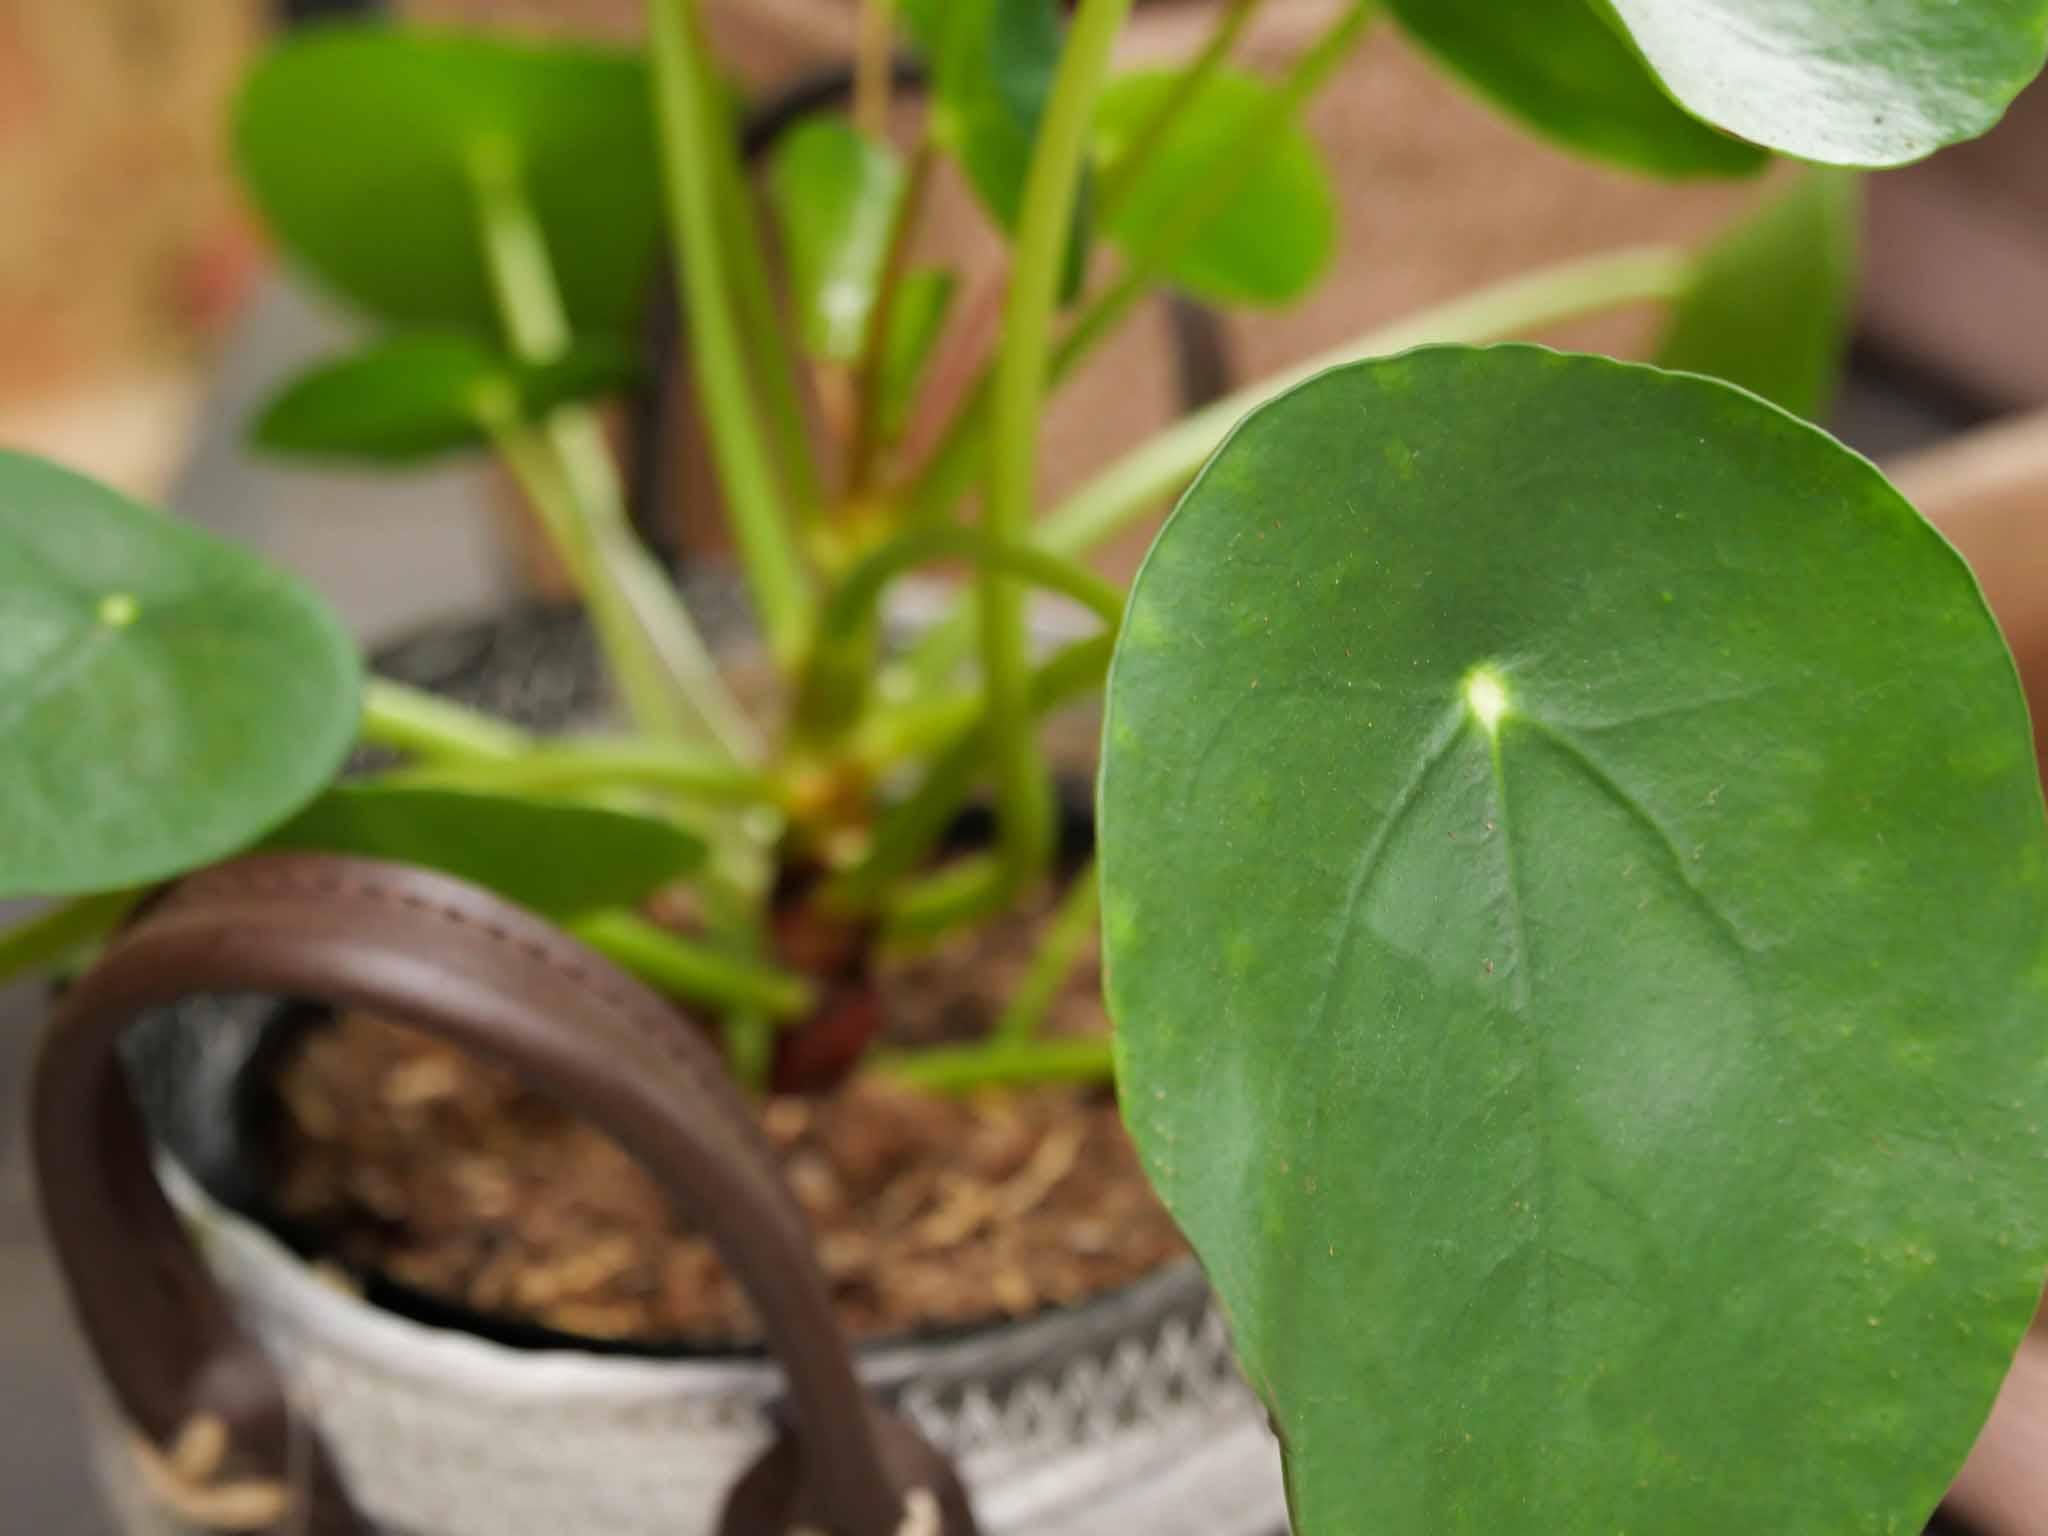 Plant Morlaix